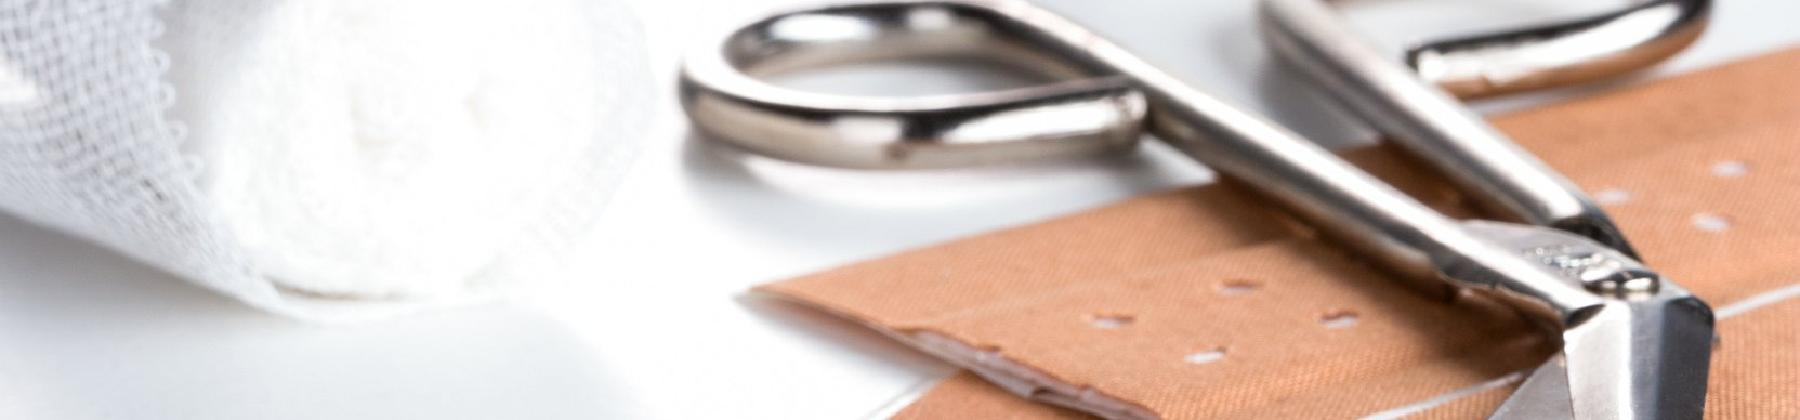 Behandlung von akuten und chronischen Wunden